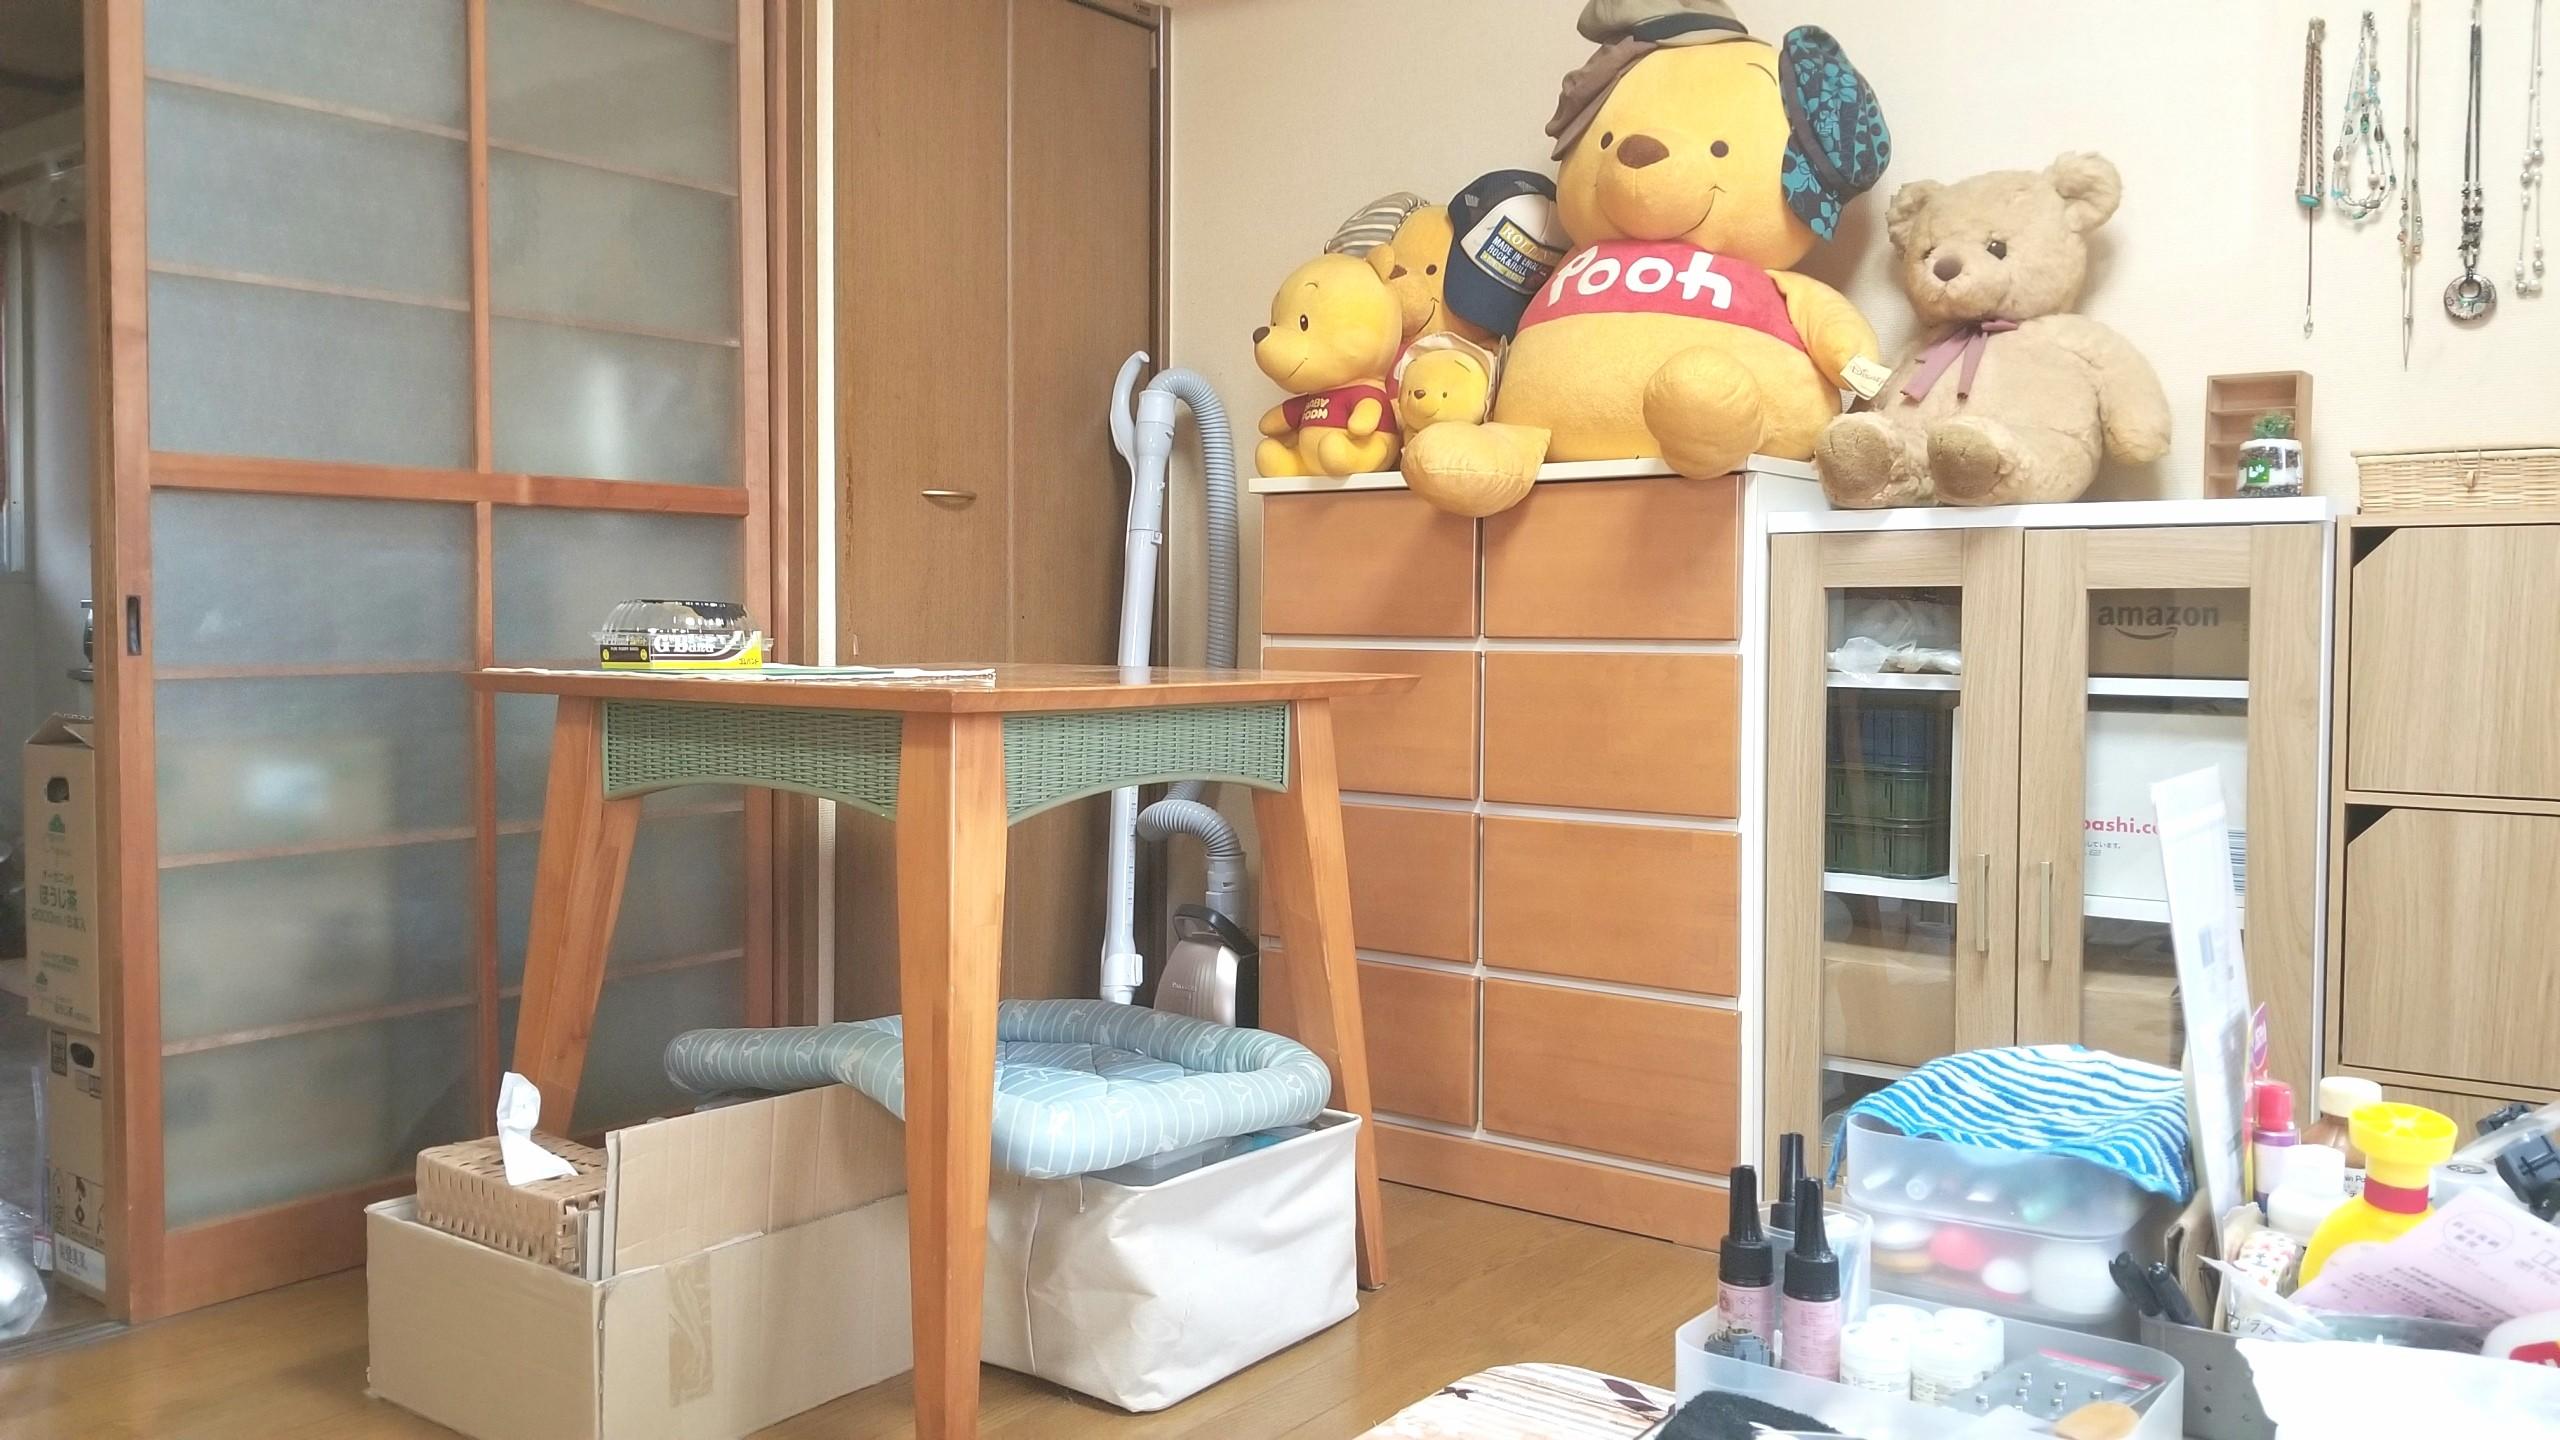 部屋,配置,ぬいぐるみ,女の子一人暮らし,レイアウト,片付け,綺麗